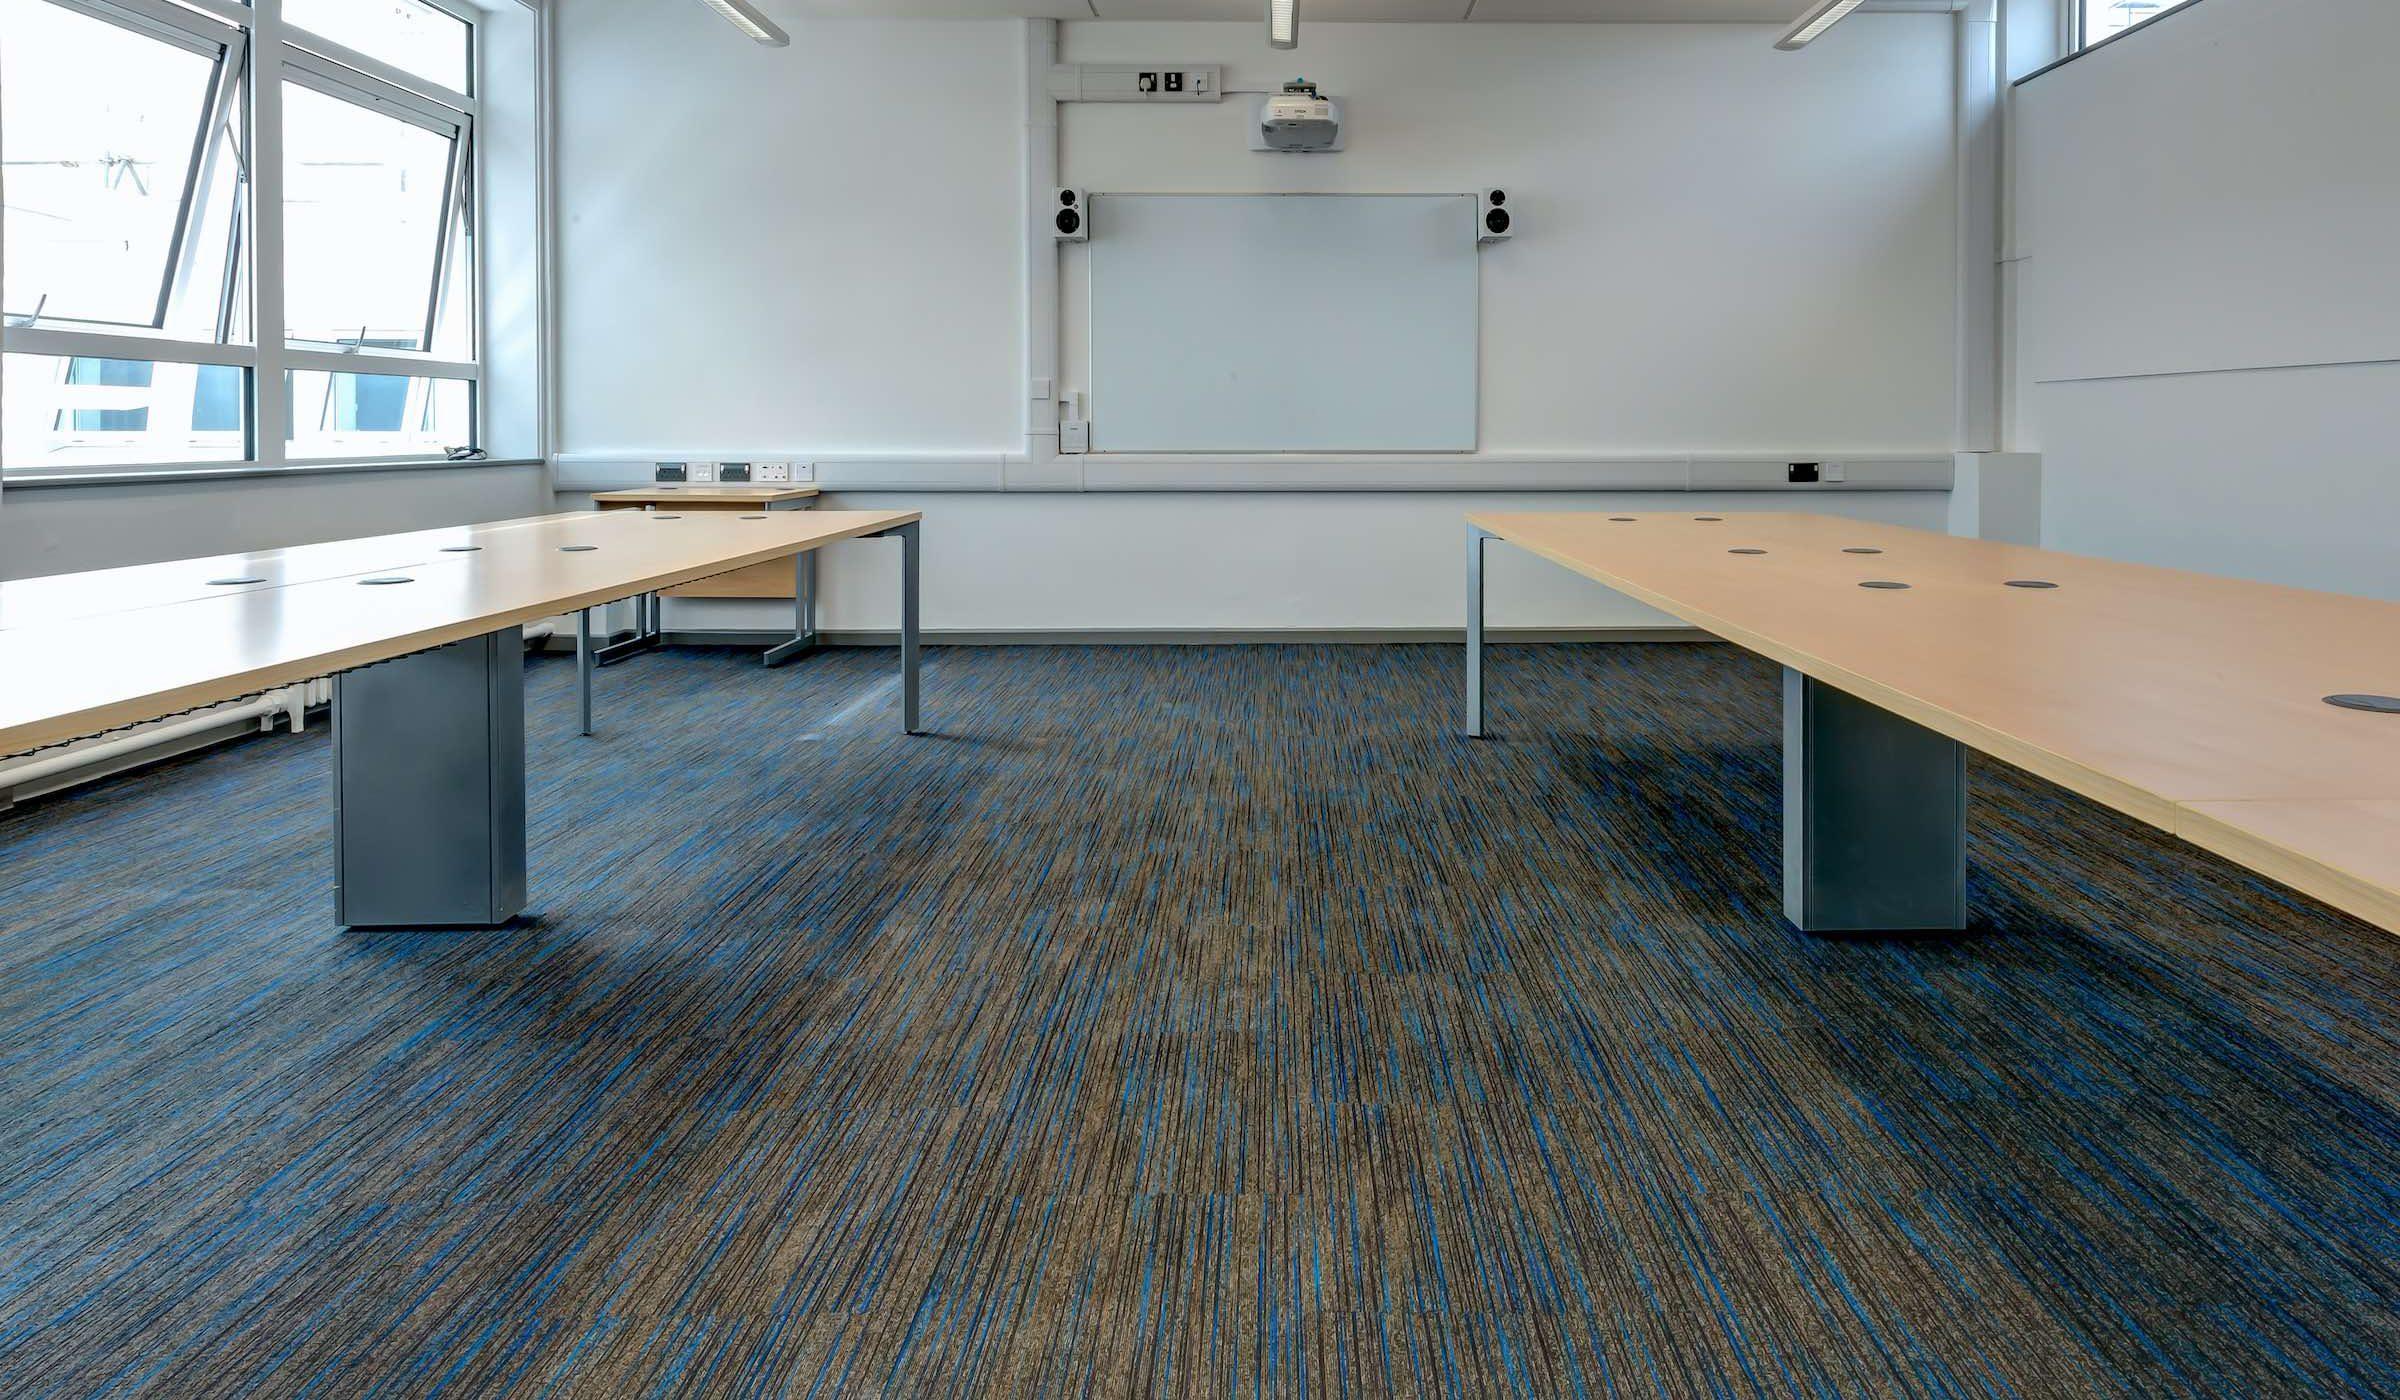 Strobe | Paragon Carpet Tiles | Commercial Carpet Tiles | Design Carpet Tiles 11